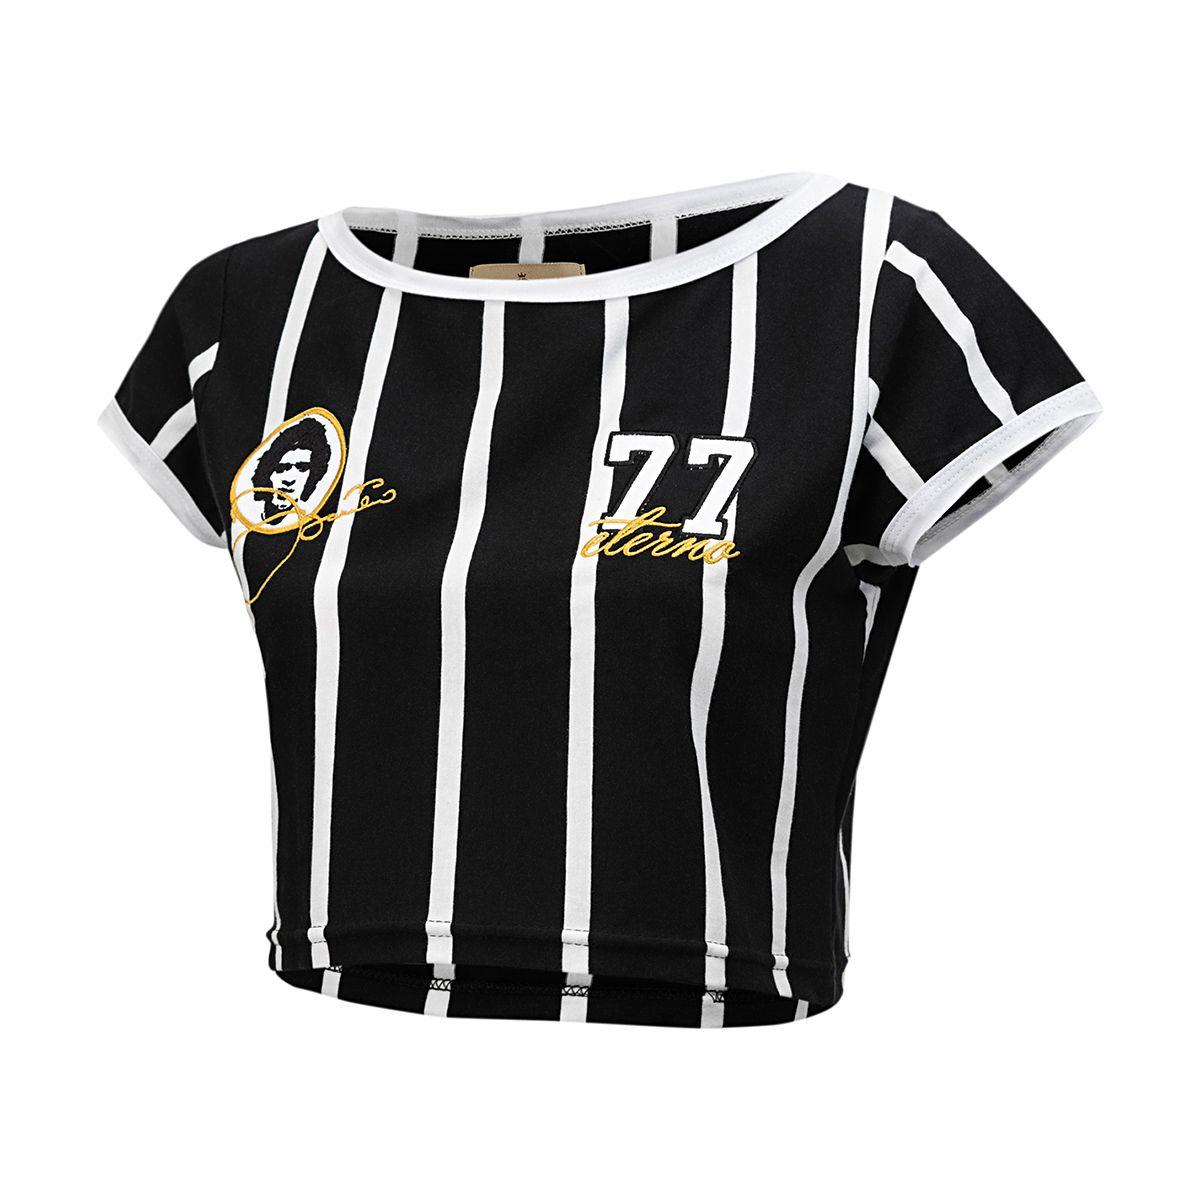 f98637e3ff Camisa Retrô Gol Cropped Corinthians Basílio Feminina - Retrôgol